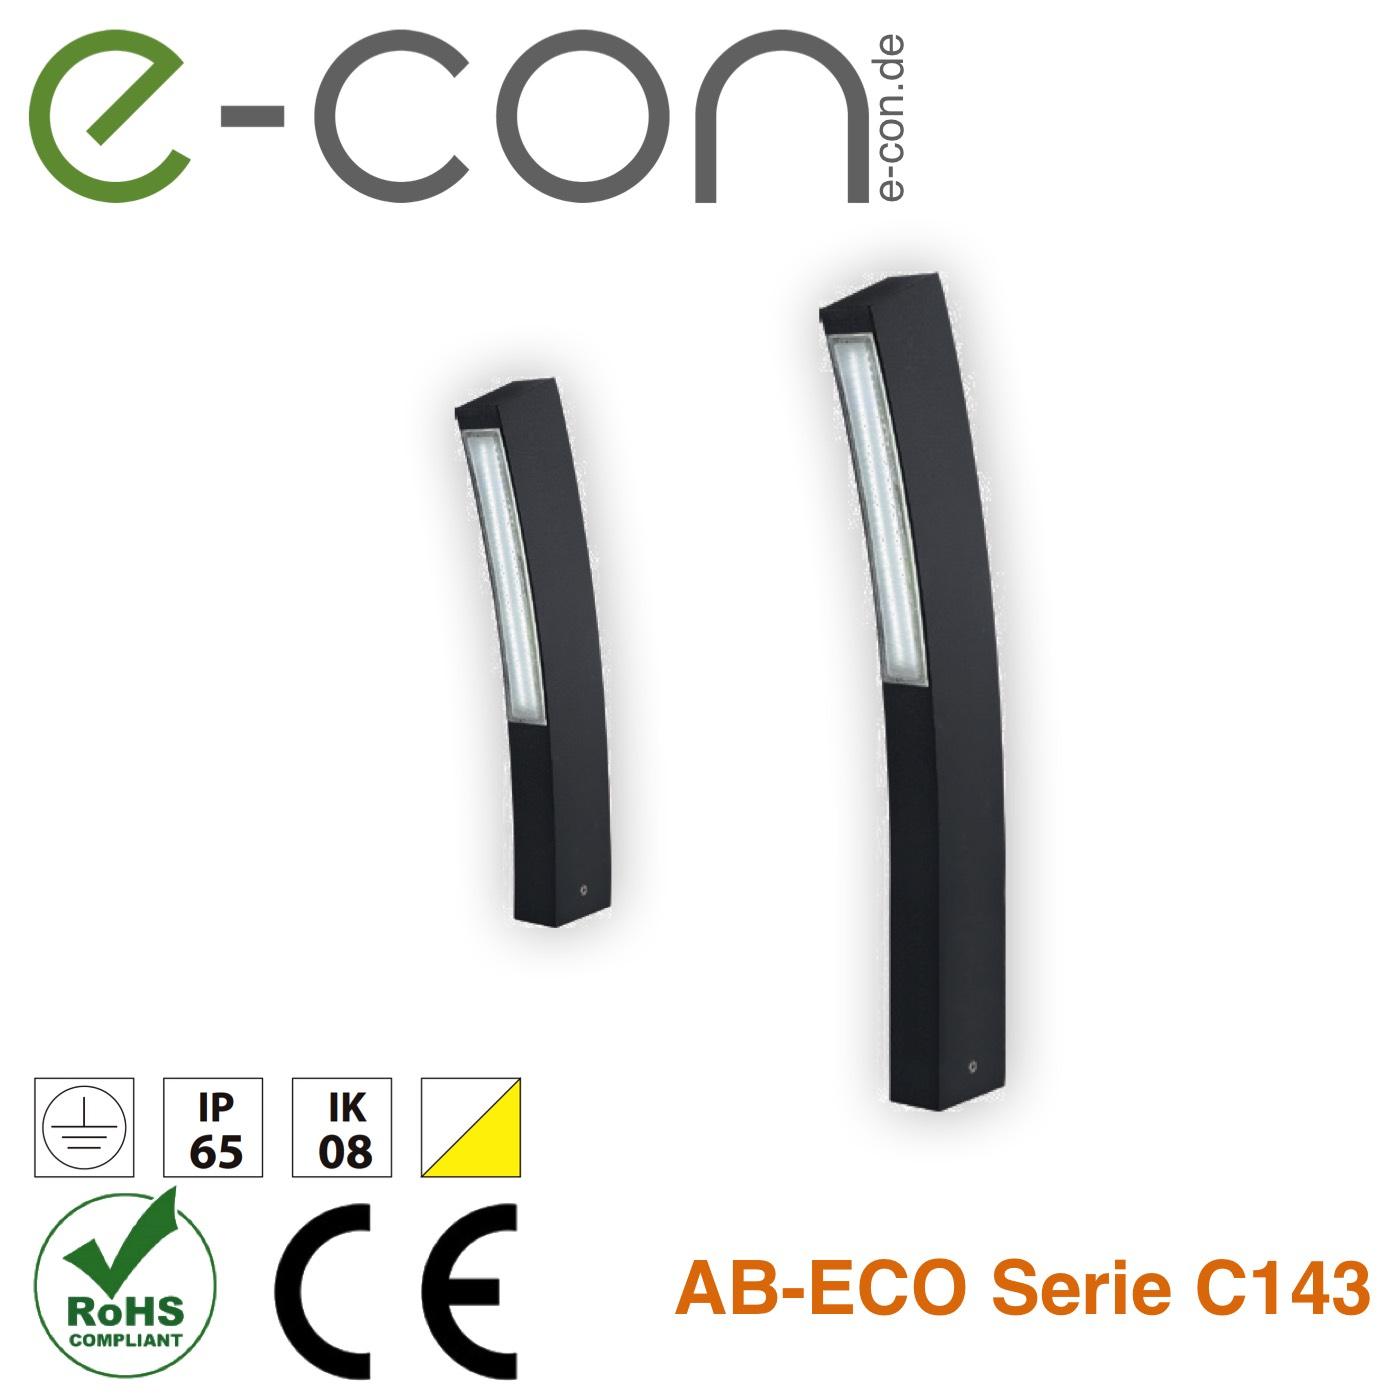 AB-ECO Serie C143